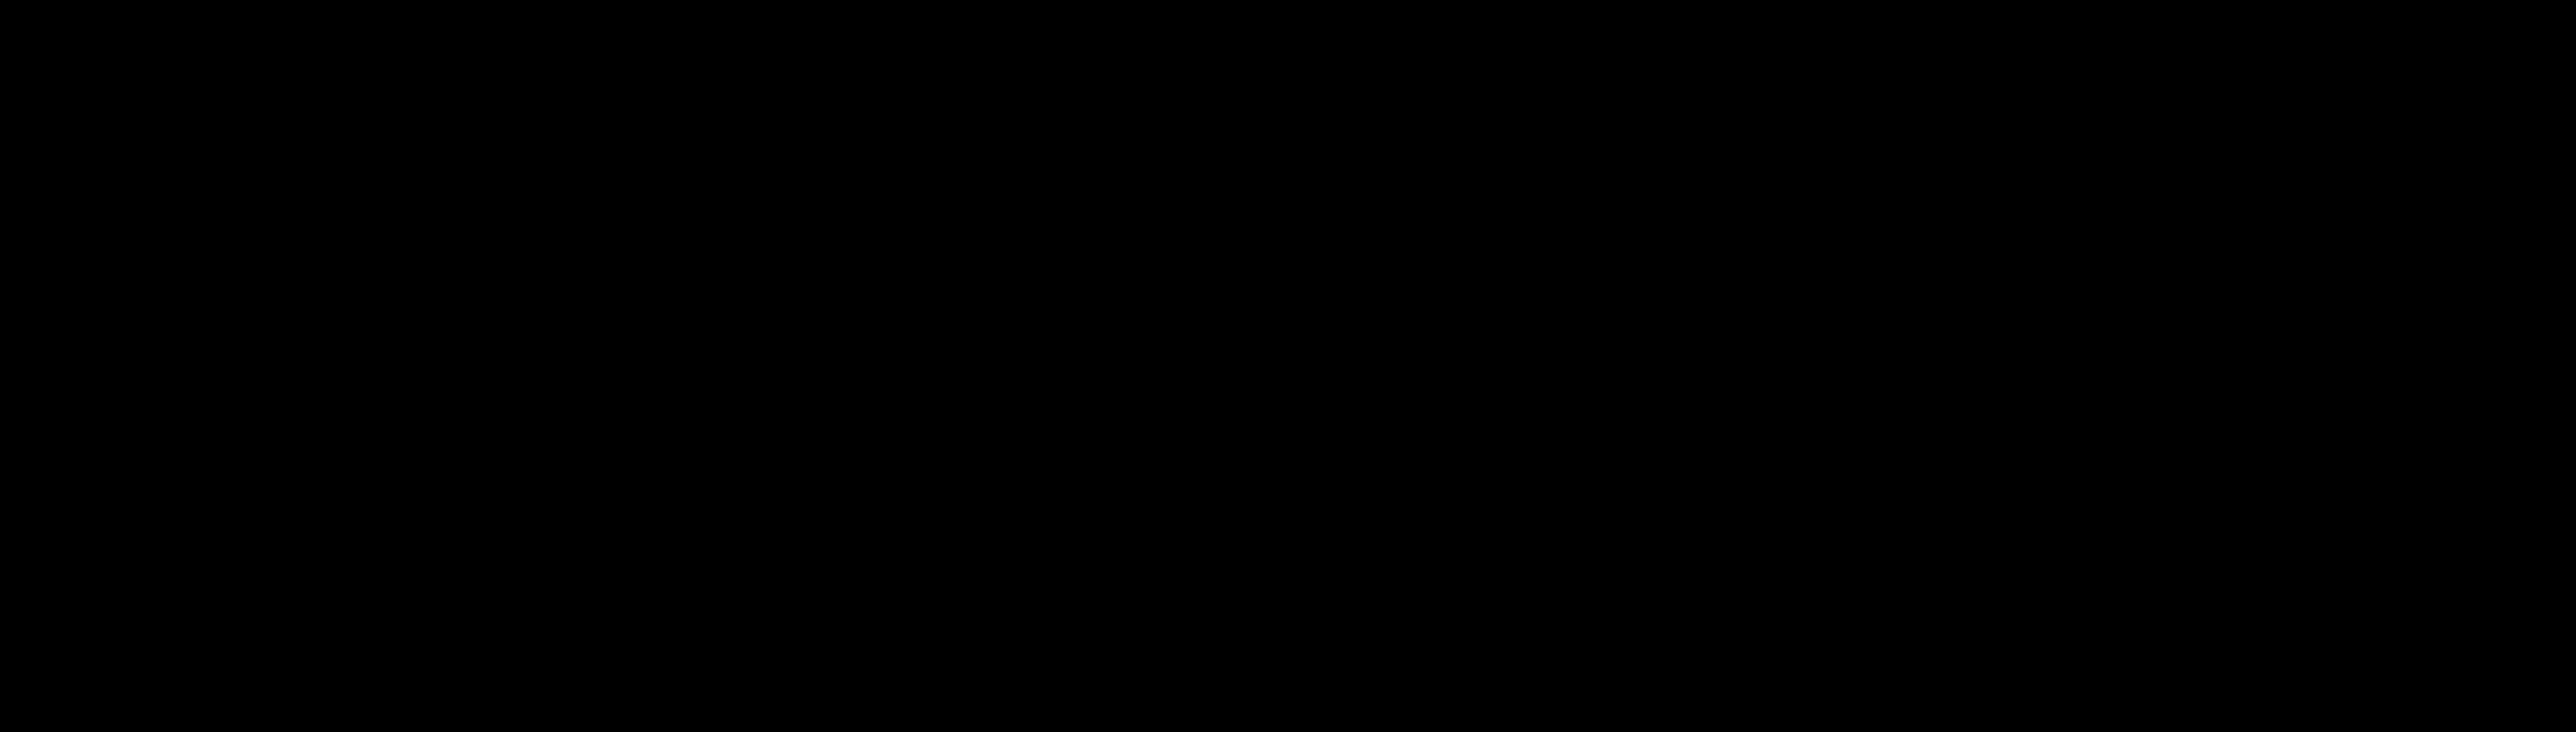 Freiwillige Feuerwehr Kirchröttenbach